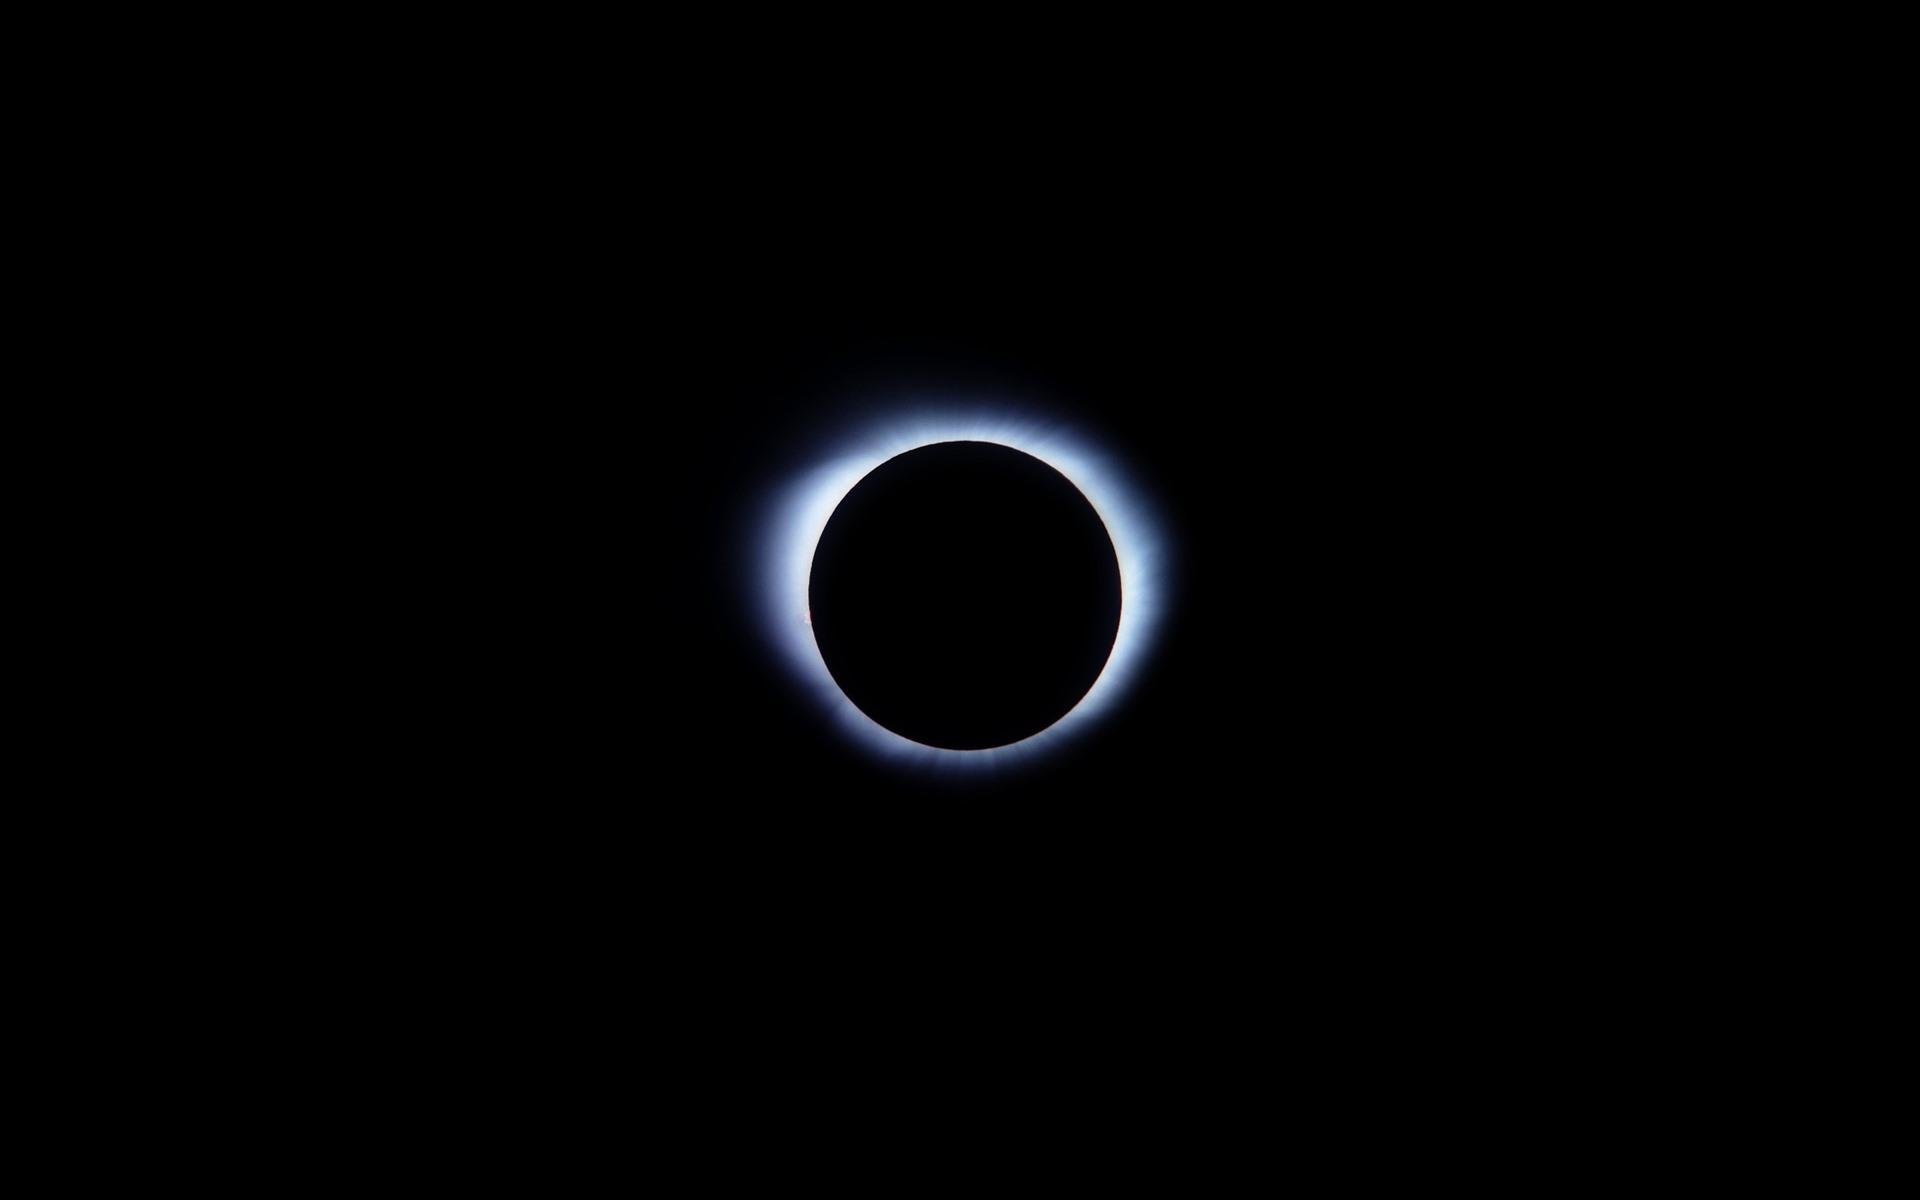 壁紙 エクリプス 月 輝き 黒の背景 2560x1440 Qhd 無料のデスクトップの背景 画像